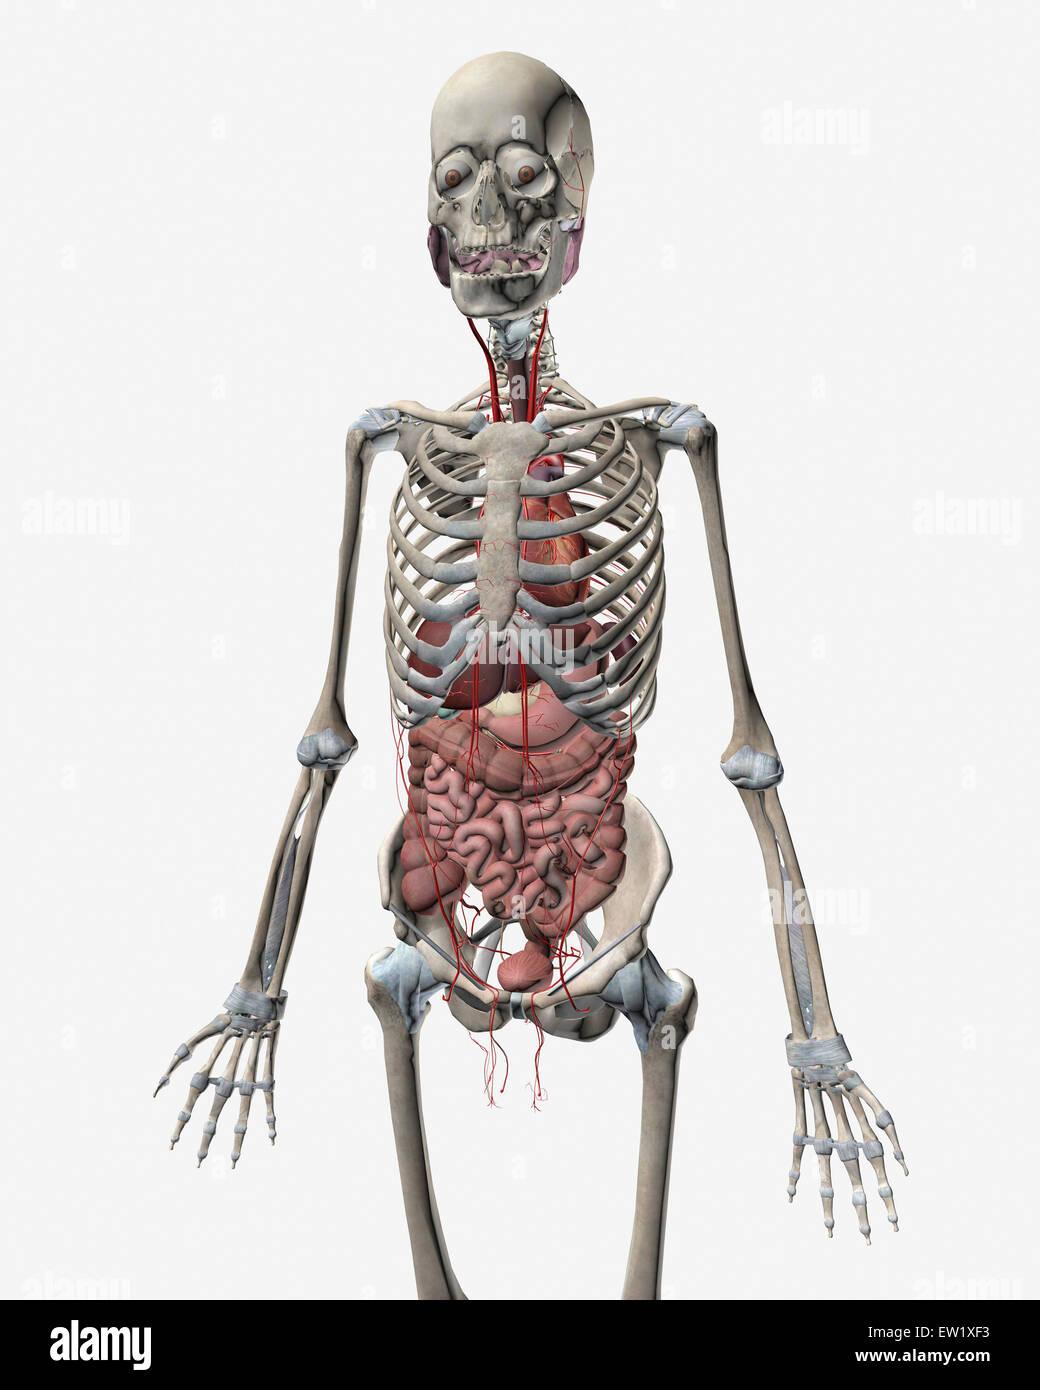 Sistema esquelético humano con órganos del sistema digestivo visible ...